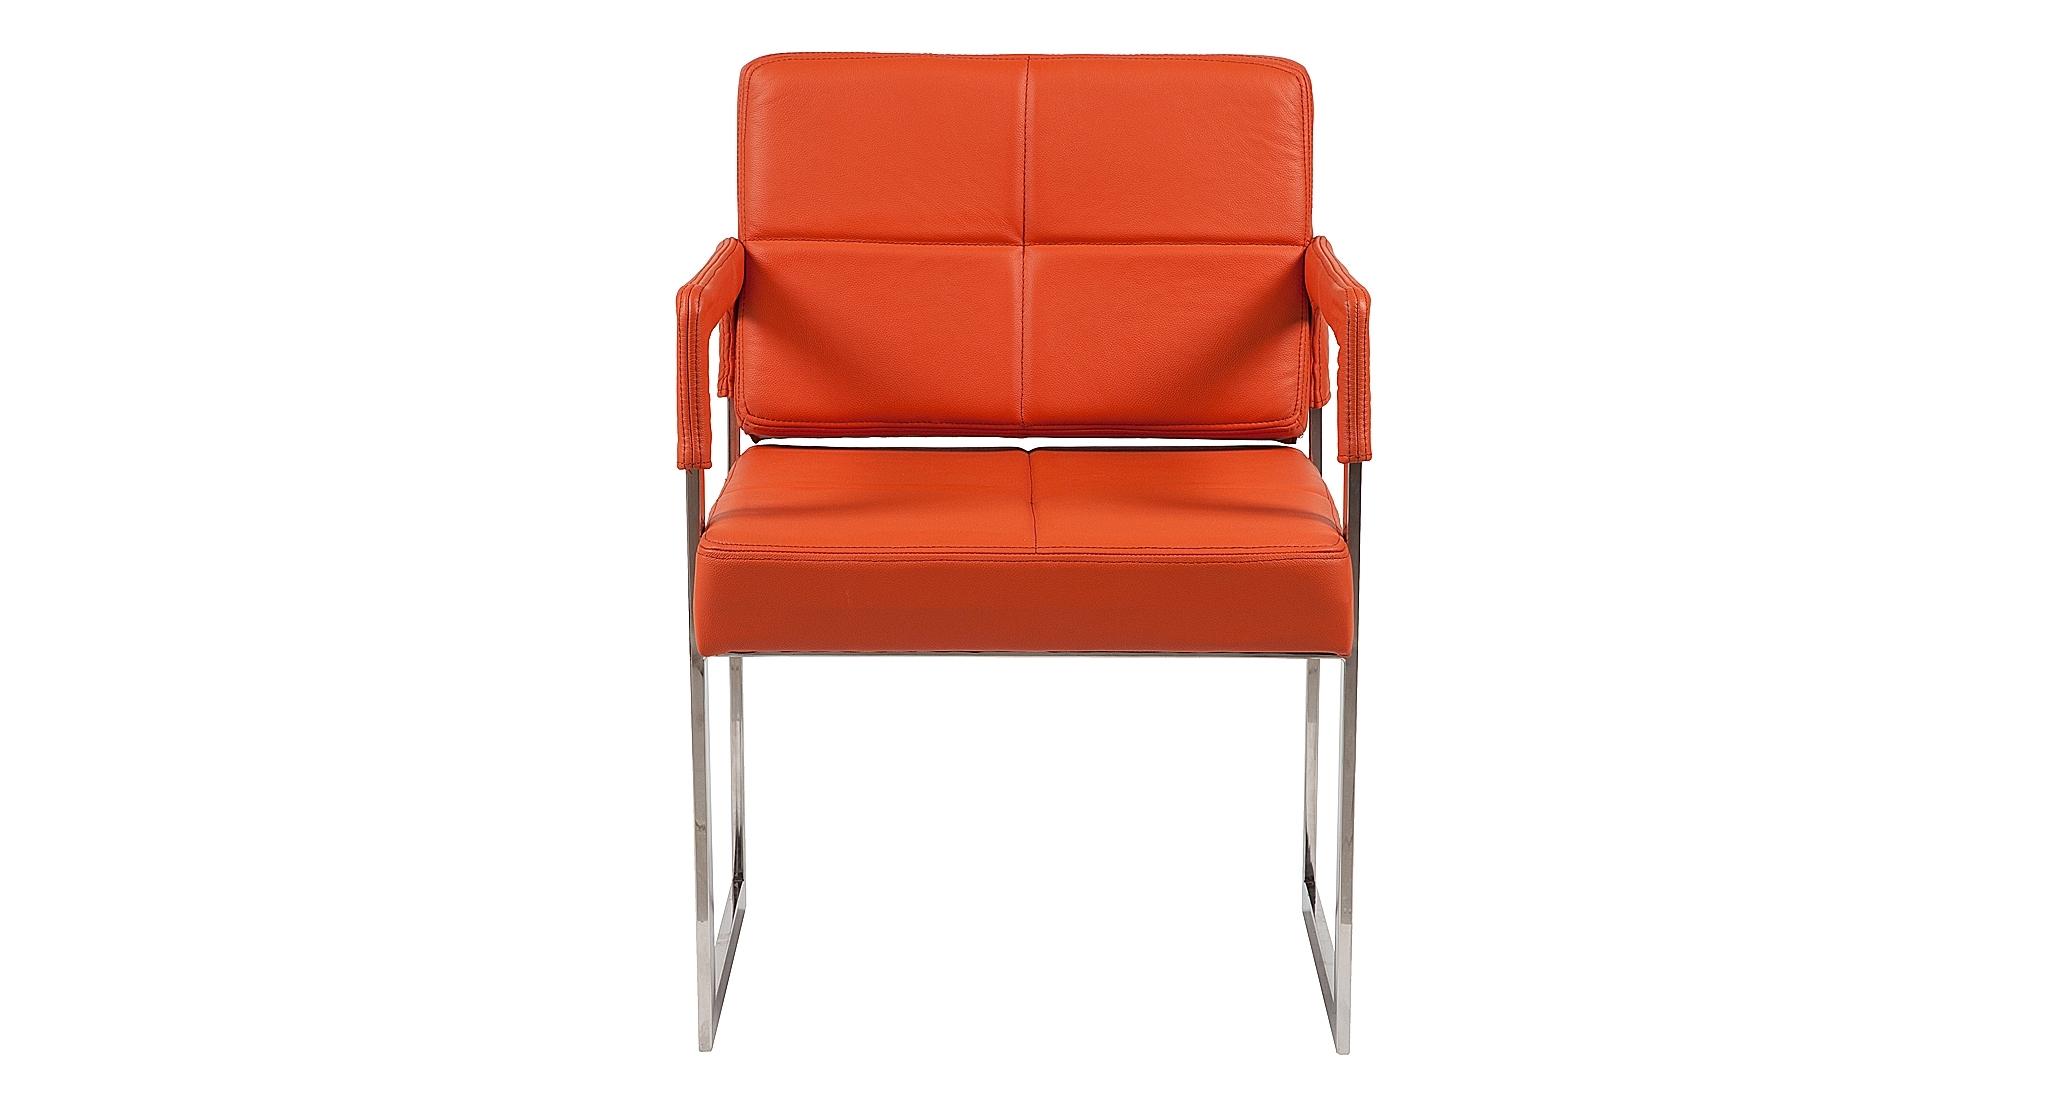 Кресло Aster ChairРабочие кресла<br>&amp;lt;p class=&amp;quot;MsoNormal&amp;quot;&amp;gt;Это кресло – современное переосмысление классического «кресла<br>шефа». Ножки и обтянутые кожей подлокотники образуют цельные металлические рамы<br>из стали. Каркас сиденья изготовлен из массива бука. Его, как и спинку,<br>поддерживают специальные эластичные ленты. Внутри подушек – наполнитель из<br>полиуретана, сверху – кожа из авторской коллекции производителя.&amp;lt;o:p&amp;gt;&amp;lt;/o:p&amp;gt;&amp;lt;/p&amp;gt;<br><br>Material: Кожа<br>Length см: None<br>Width см: 55<br>Depth см: 60<br>Height см: 89